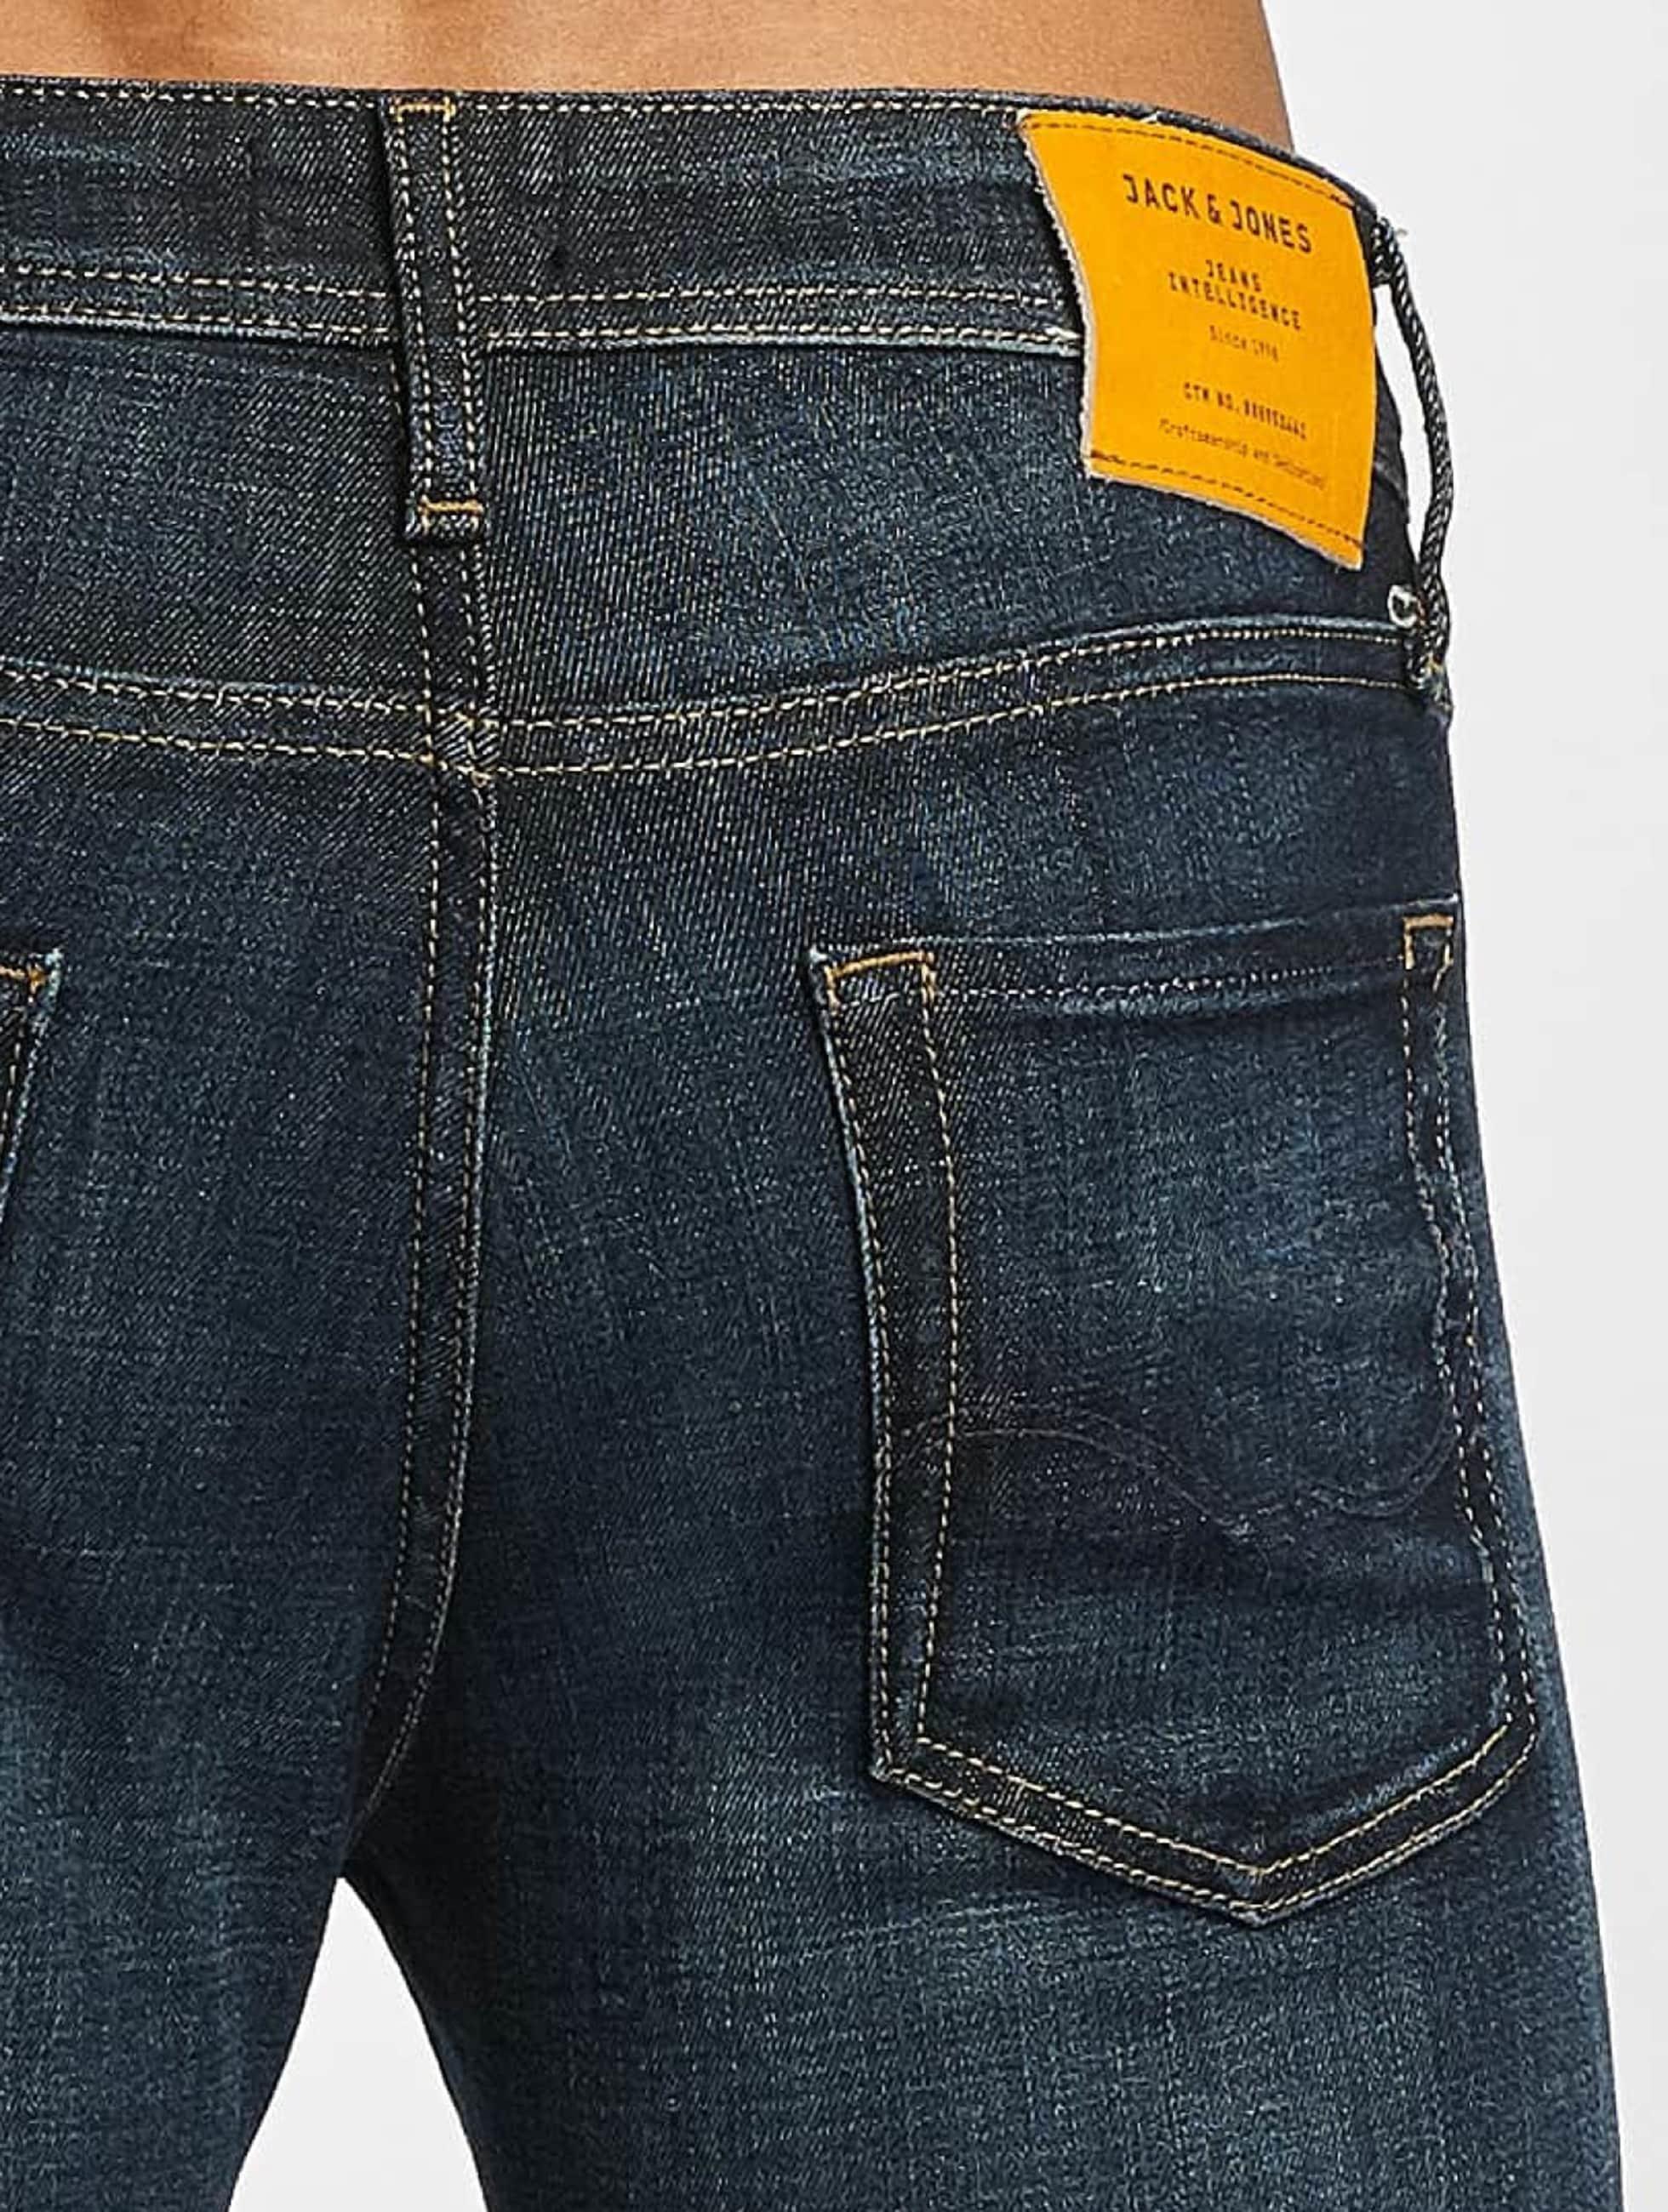 jack jones jeans slim fit jeans jjglenn original jj. Black Bedroom Furniture Sets. Home Design Ideas